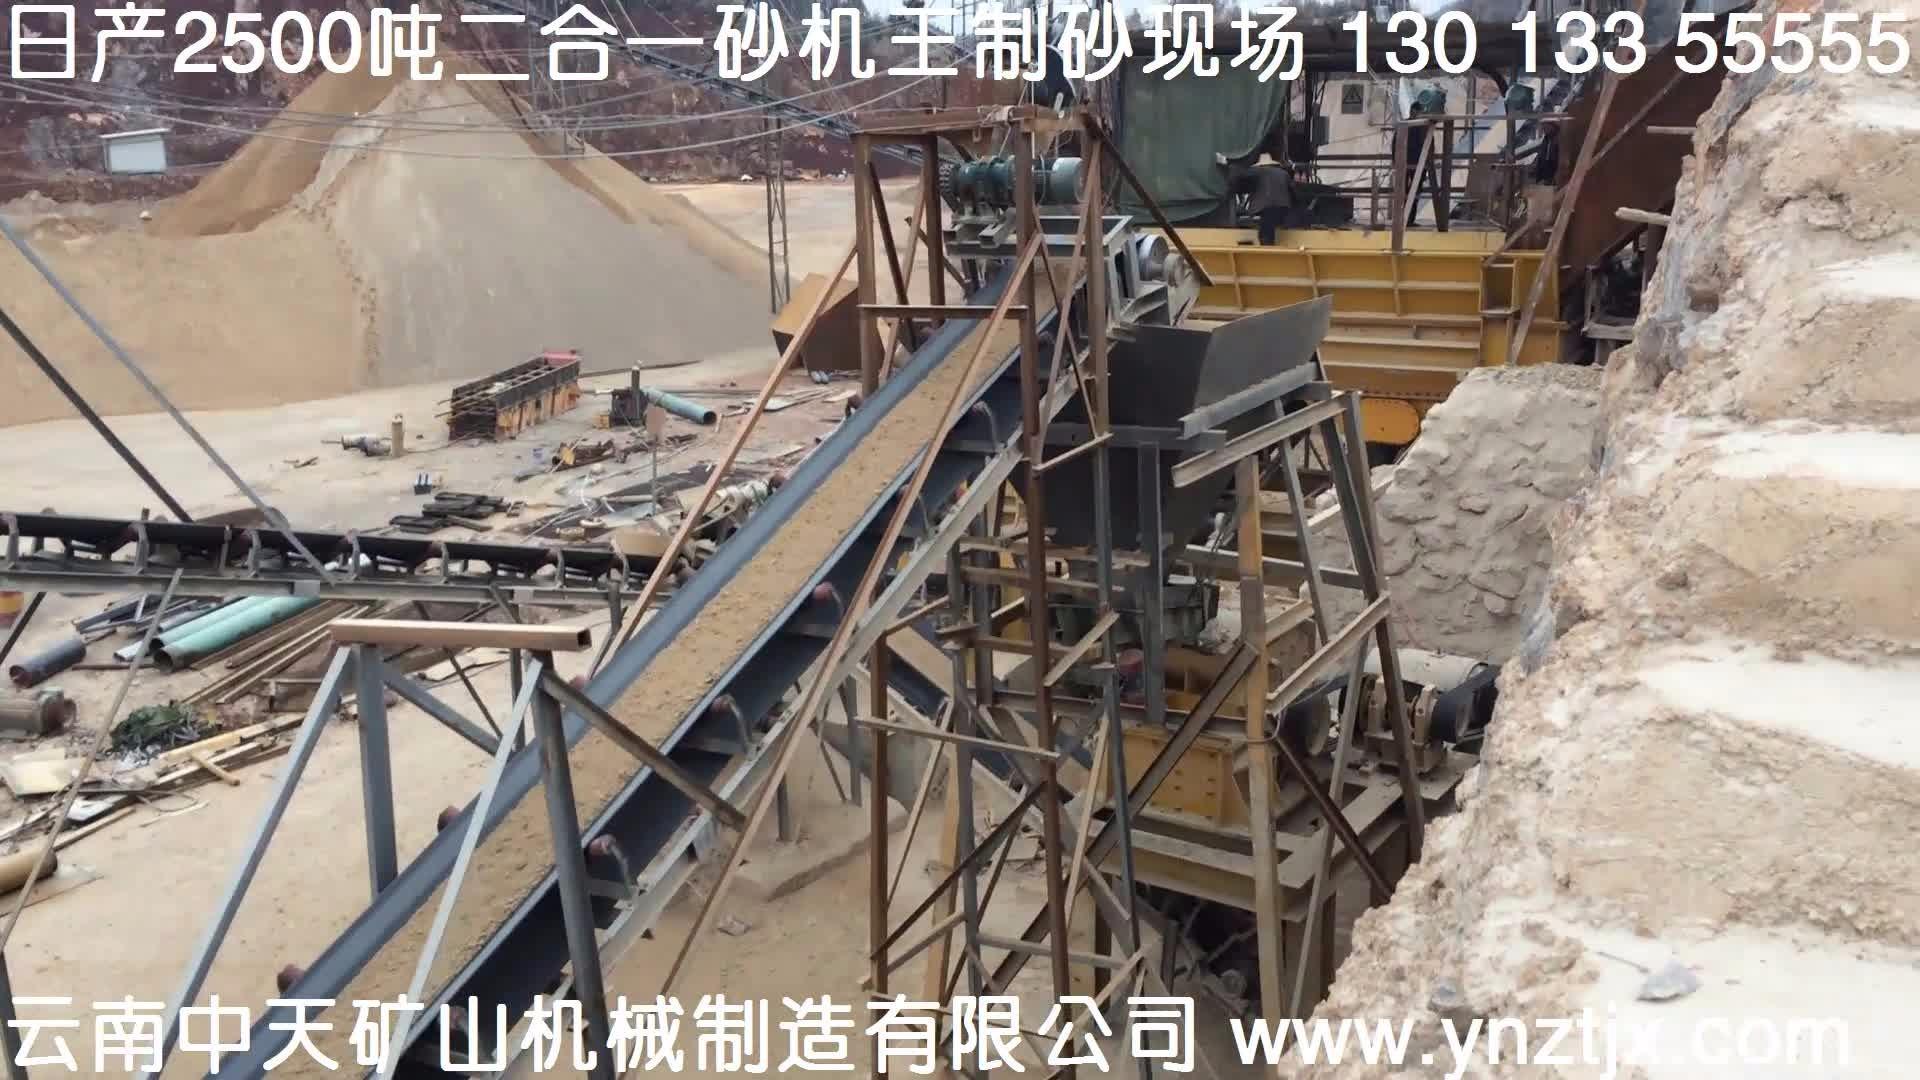 云南日产2500吨manbetx官网电脑版制砂生产线现场三